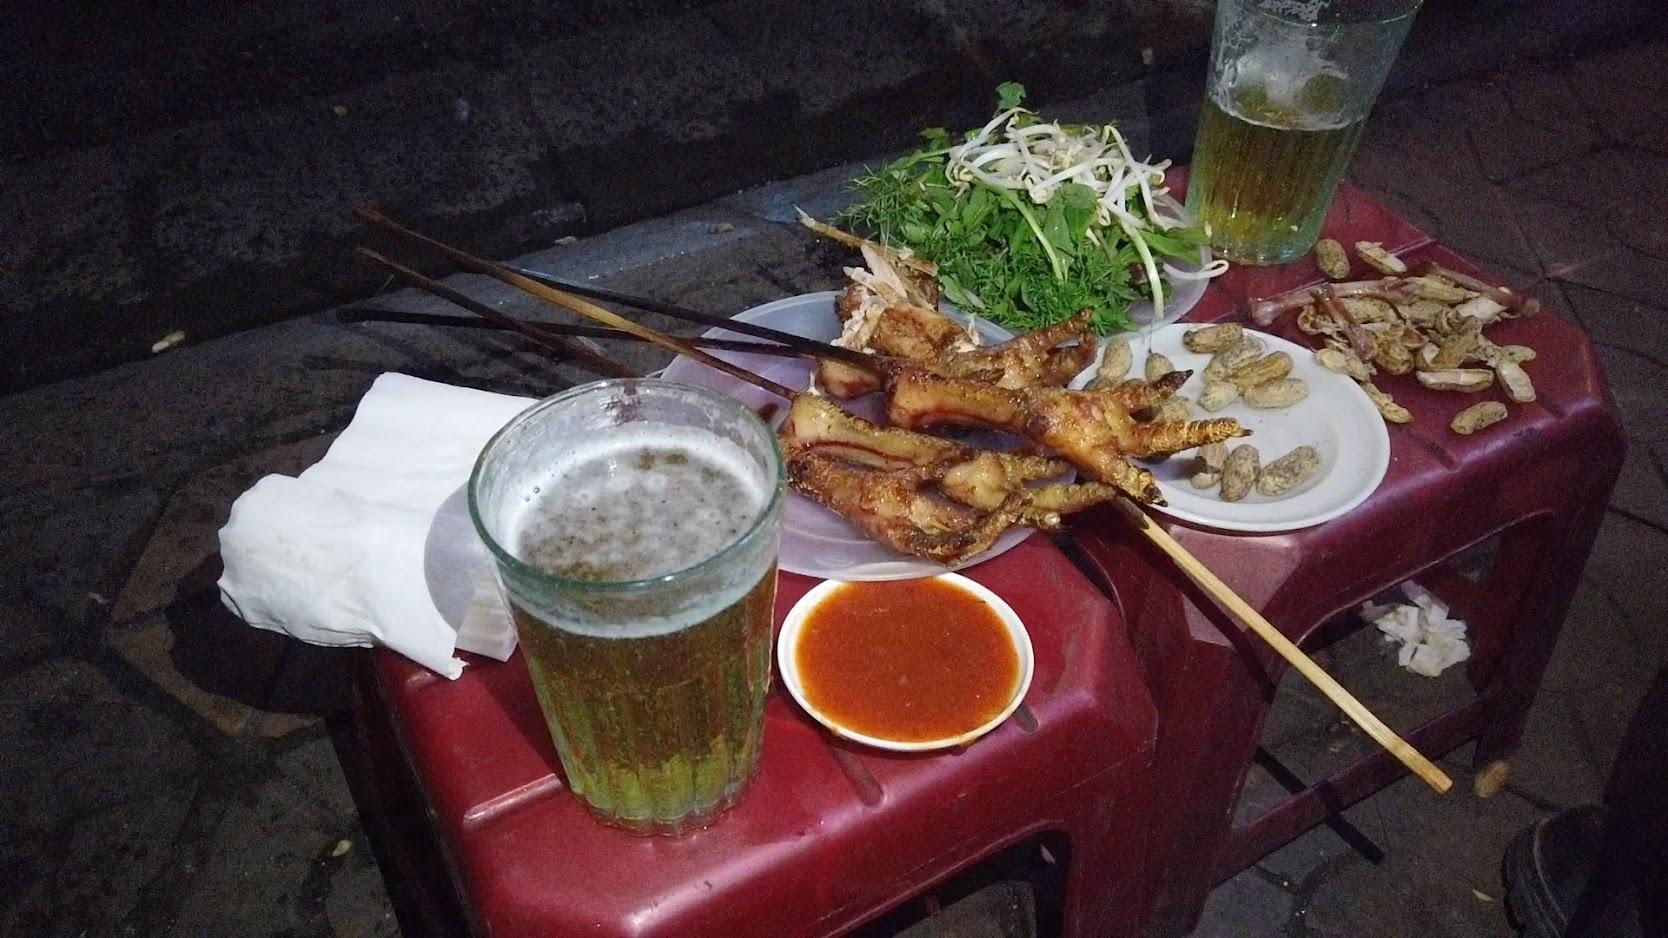 Quán chân gà nướng đường Cát Cụt món ngon ẩm thực Hải Phòng 2